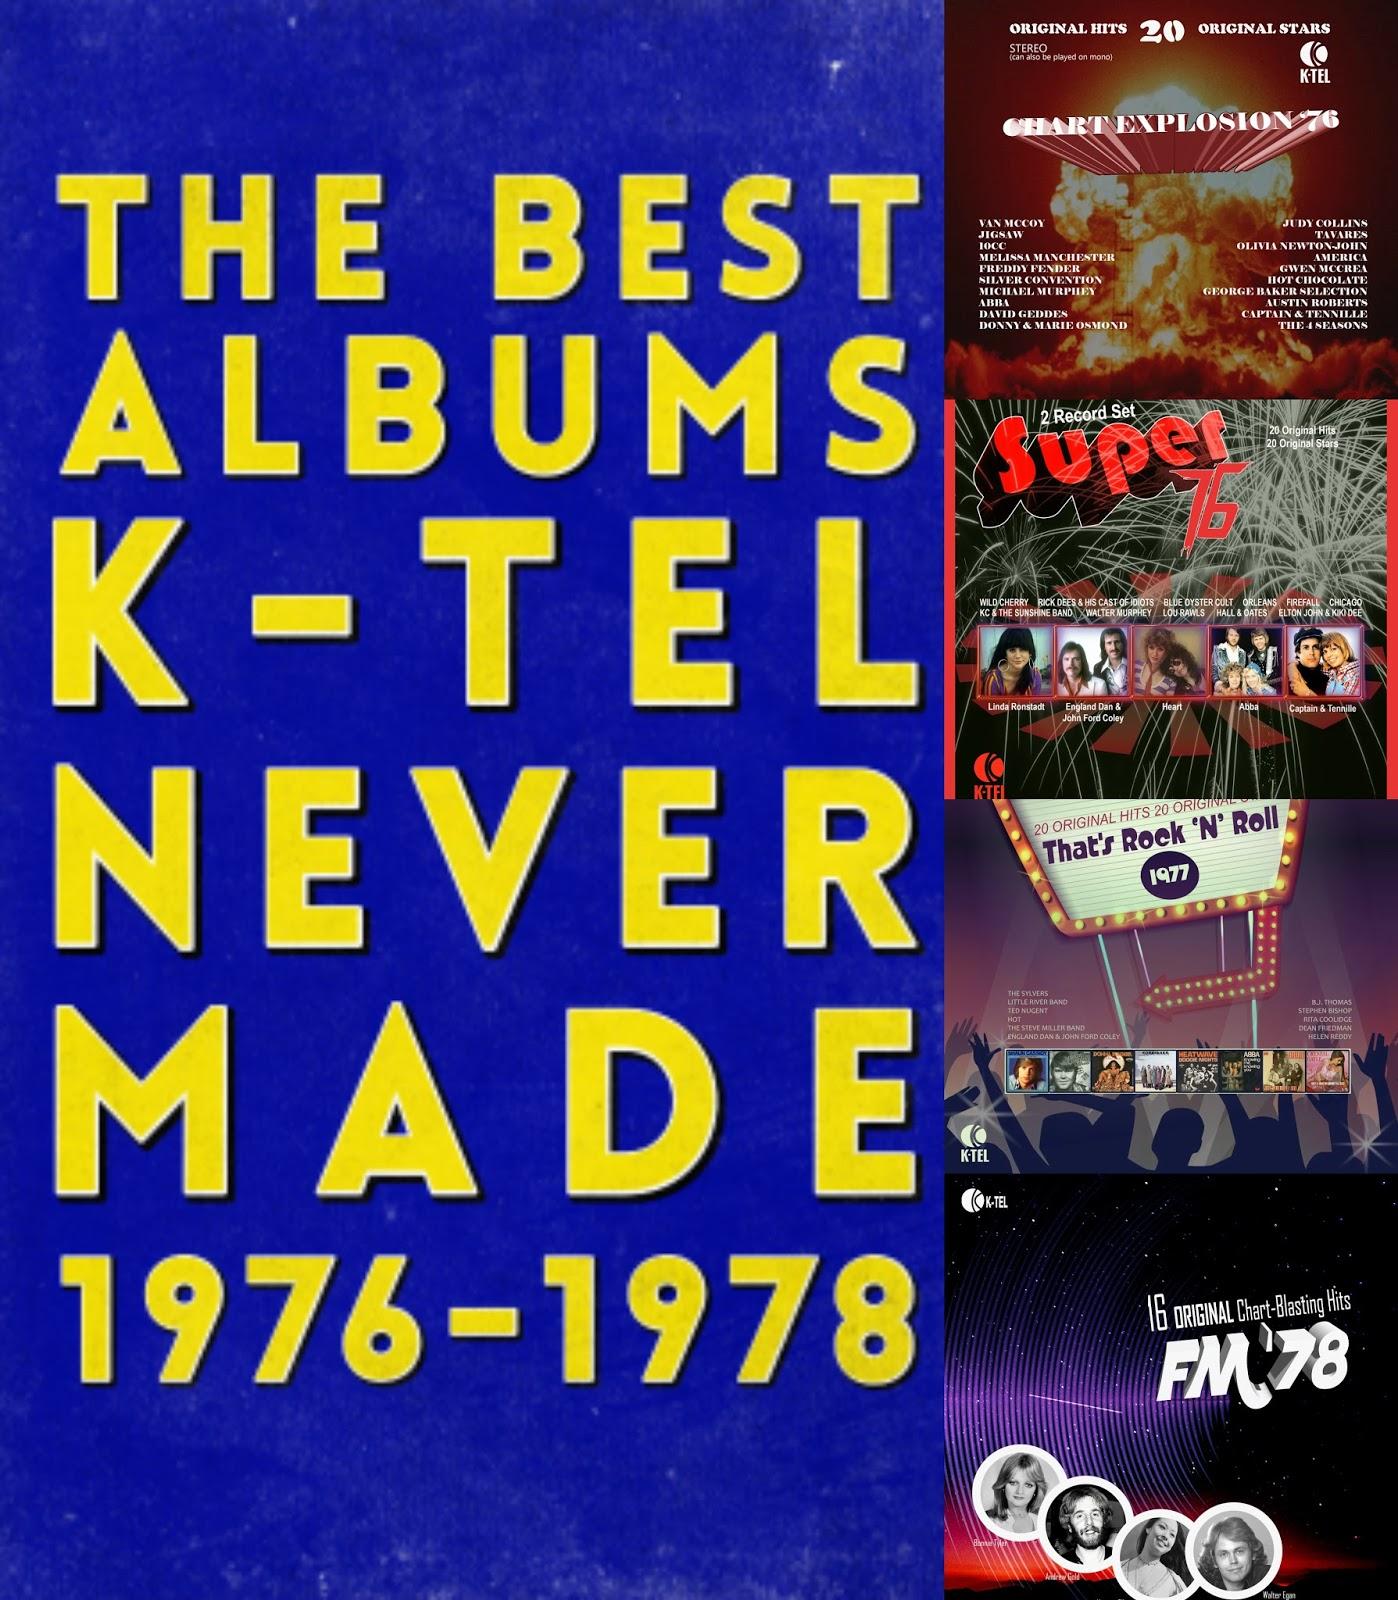 Ktel dynamite album